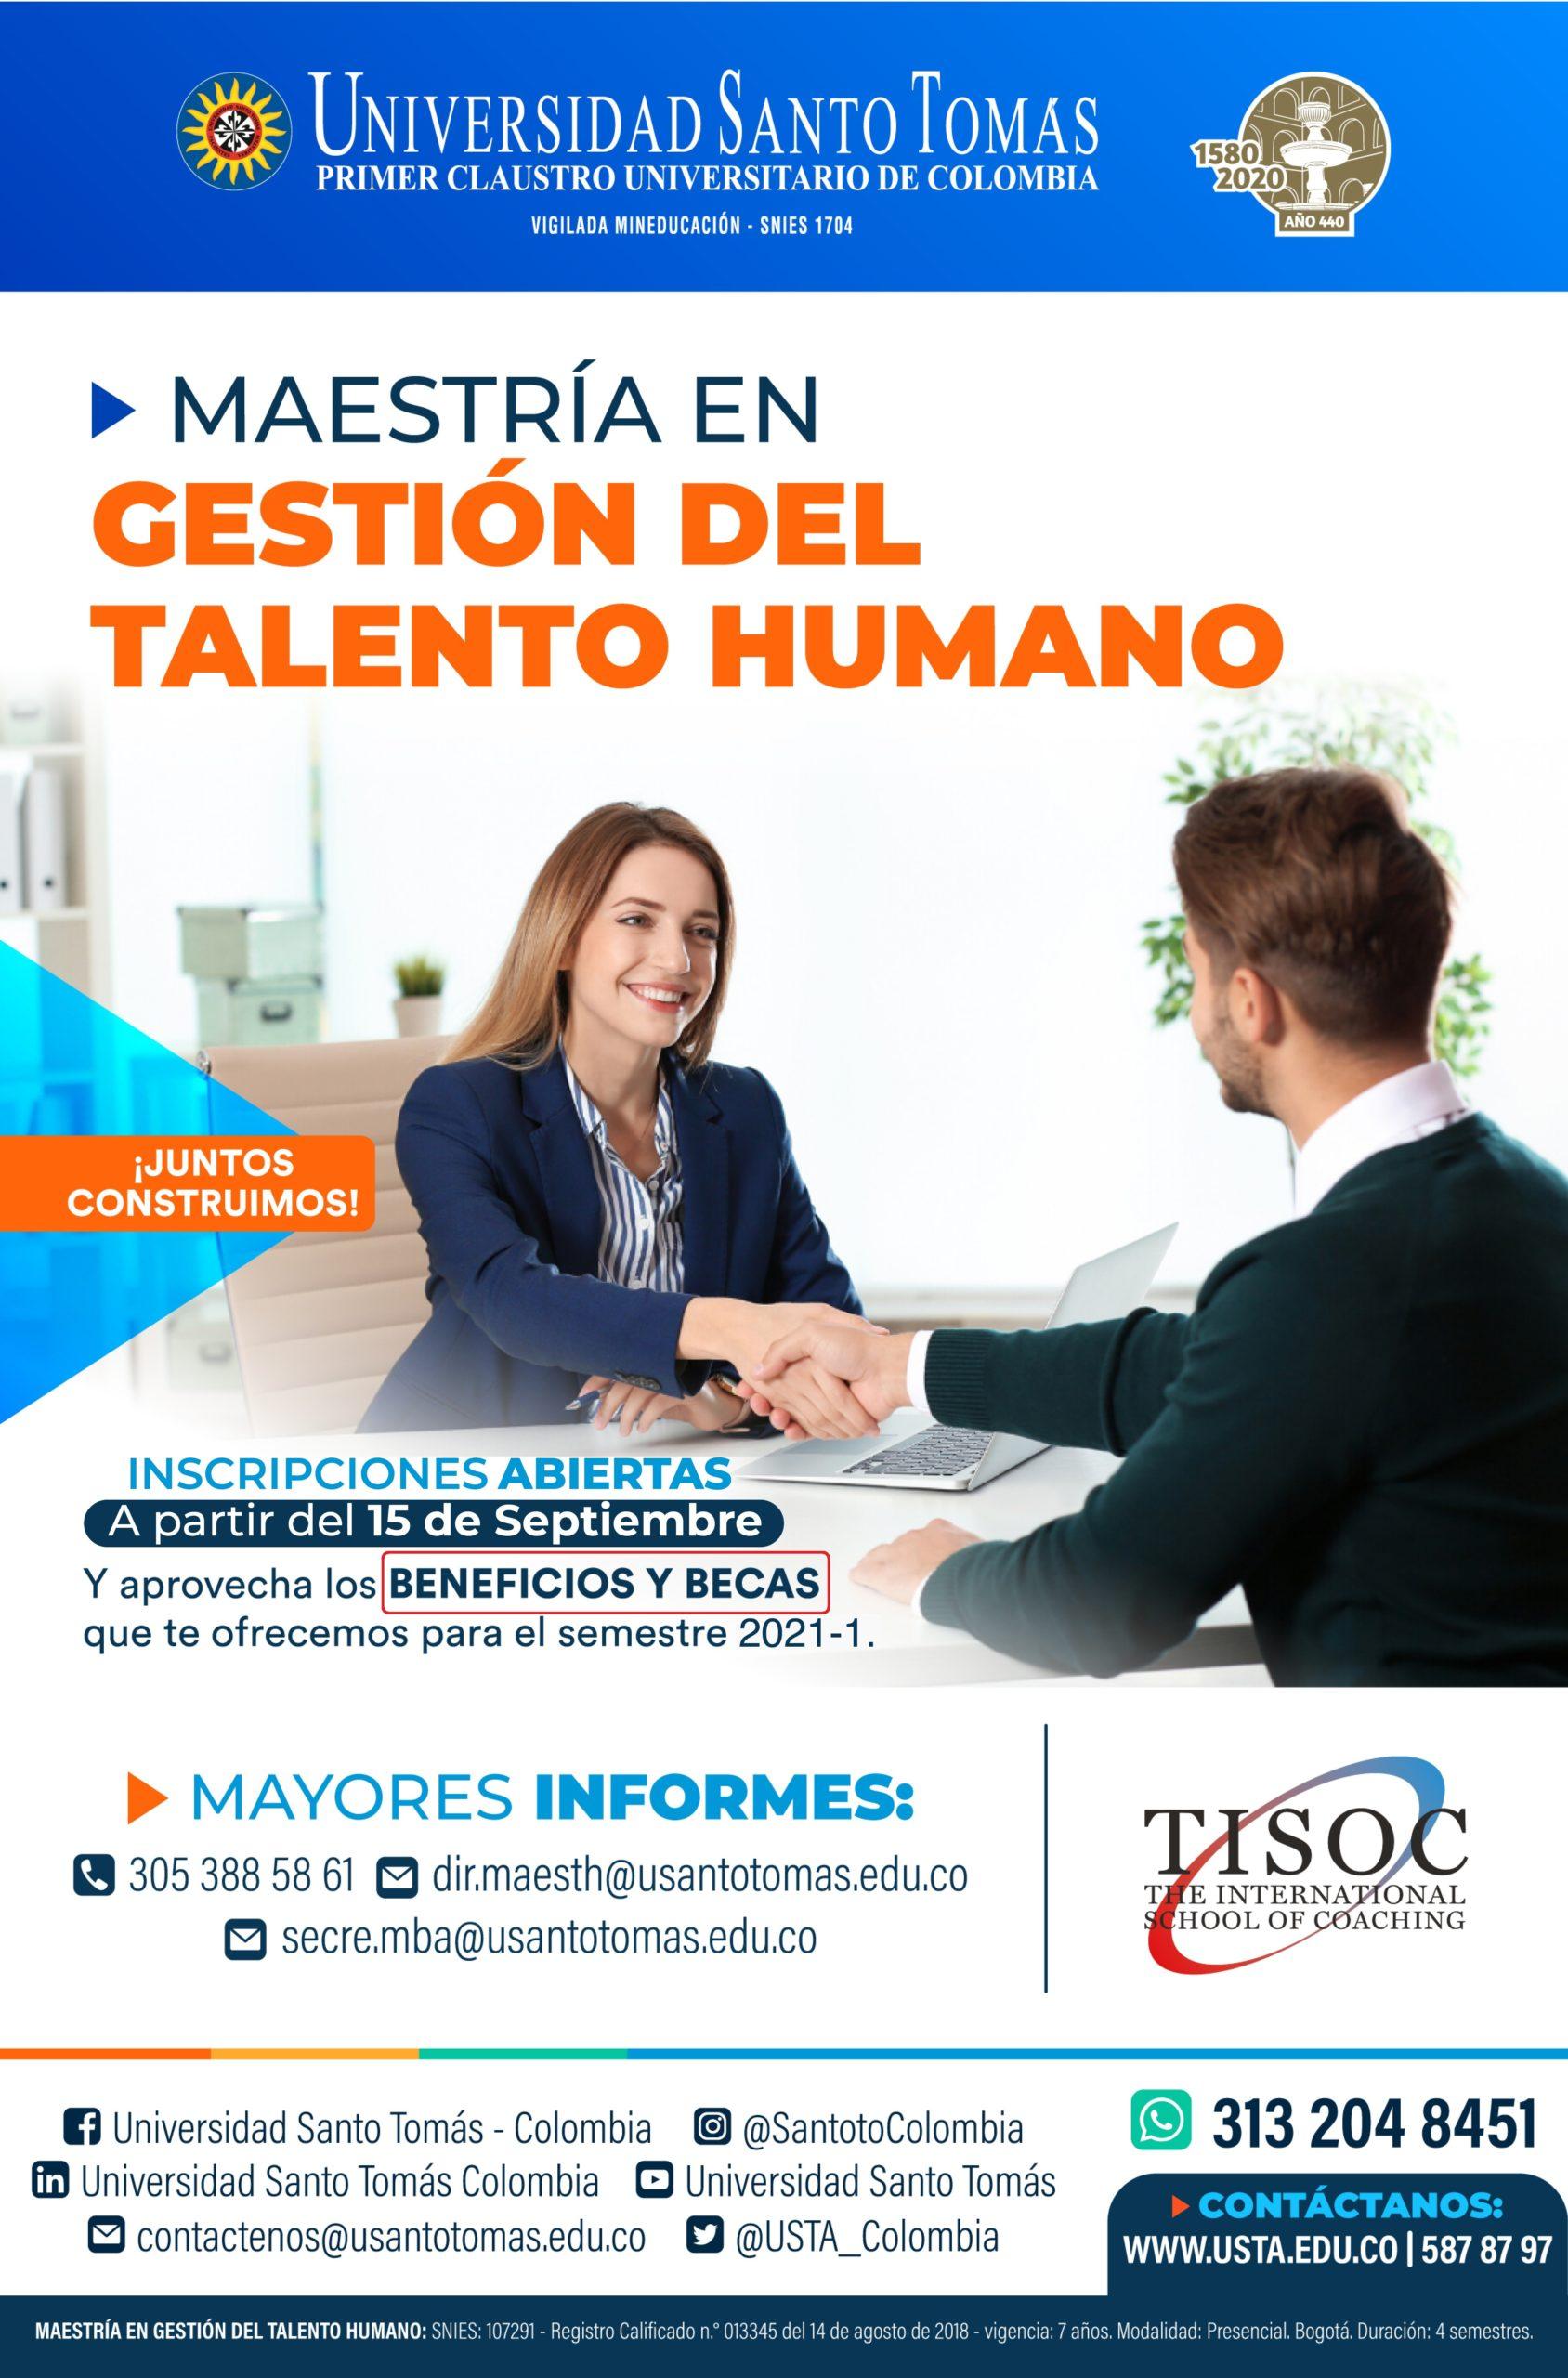 Programas de formación y cursos corporativos de Coaching para empresas y negocios